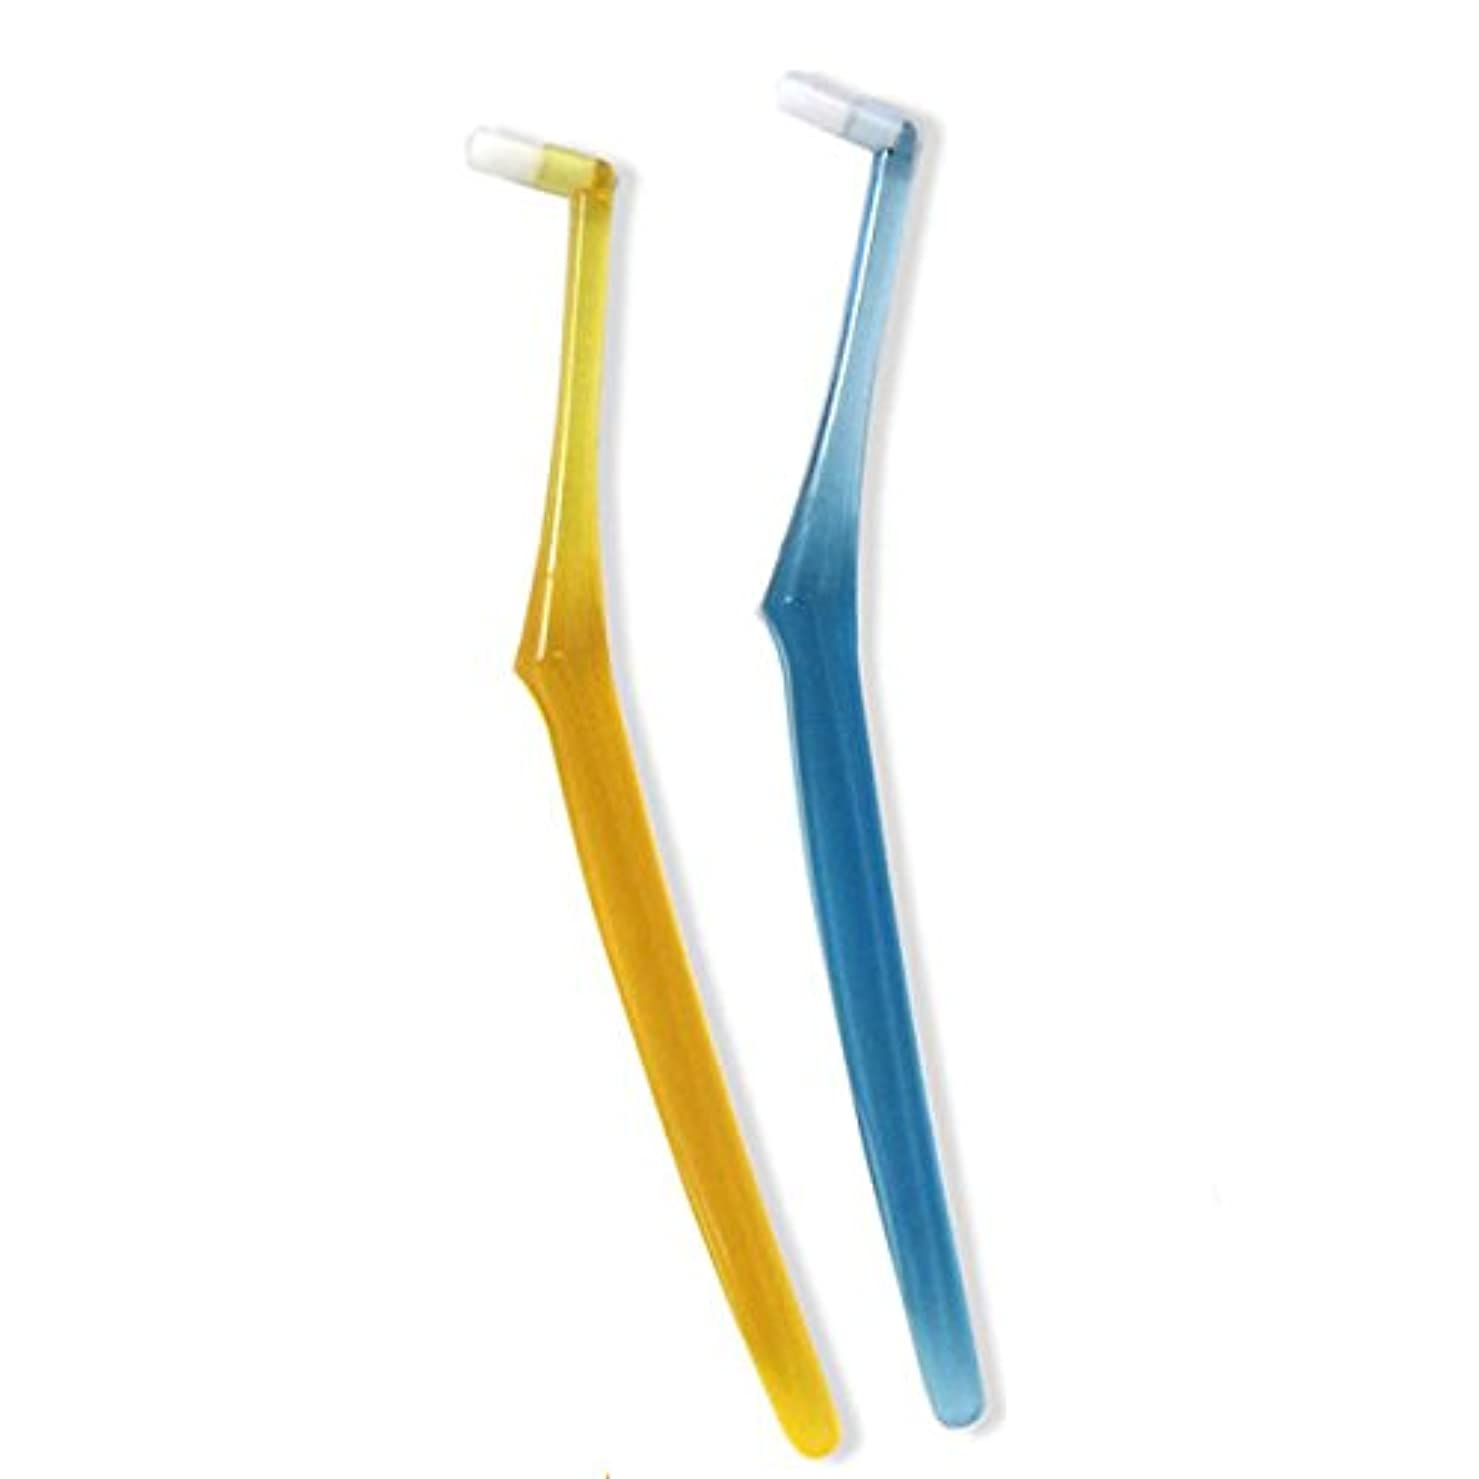 ホイットニー水分曲線1本【ワンタフト】オーラルケア インプロ インプラント専用 歯ブラシ (US(ウルトラソフト))